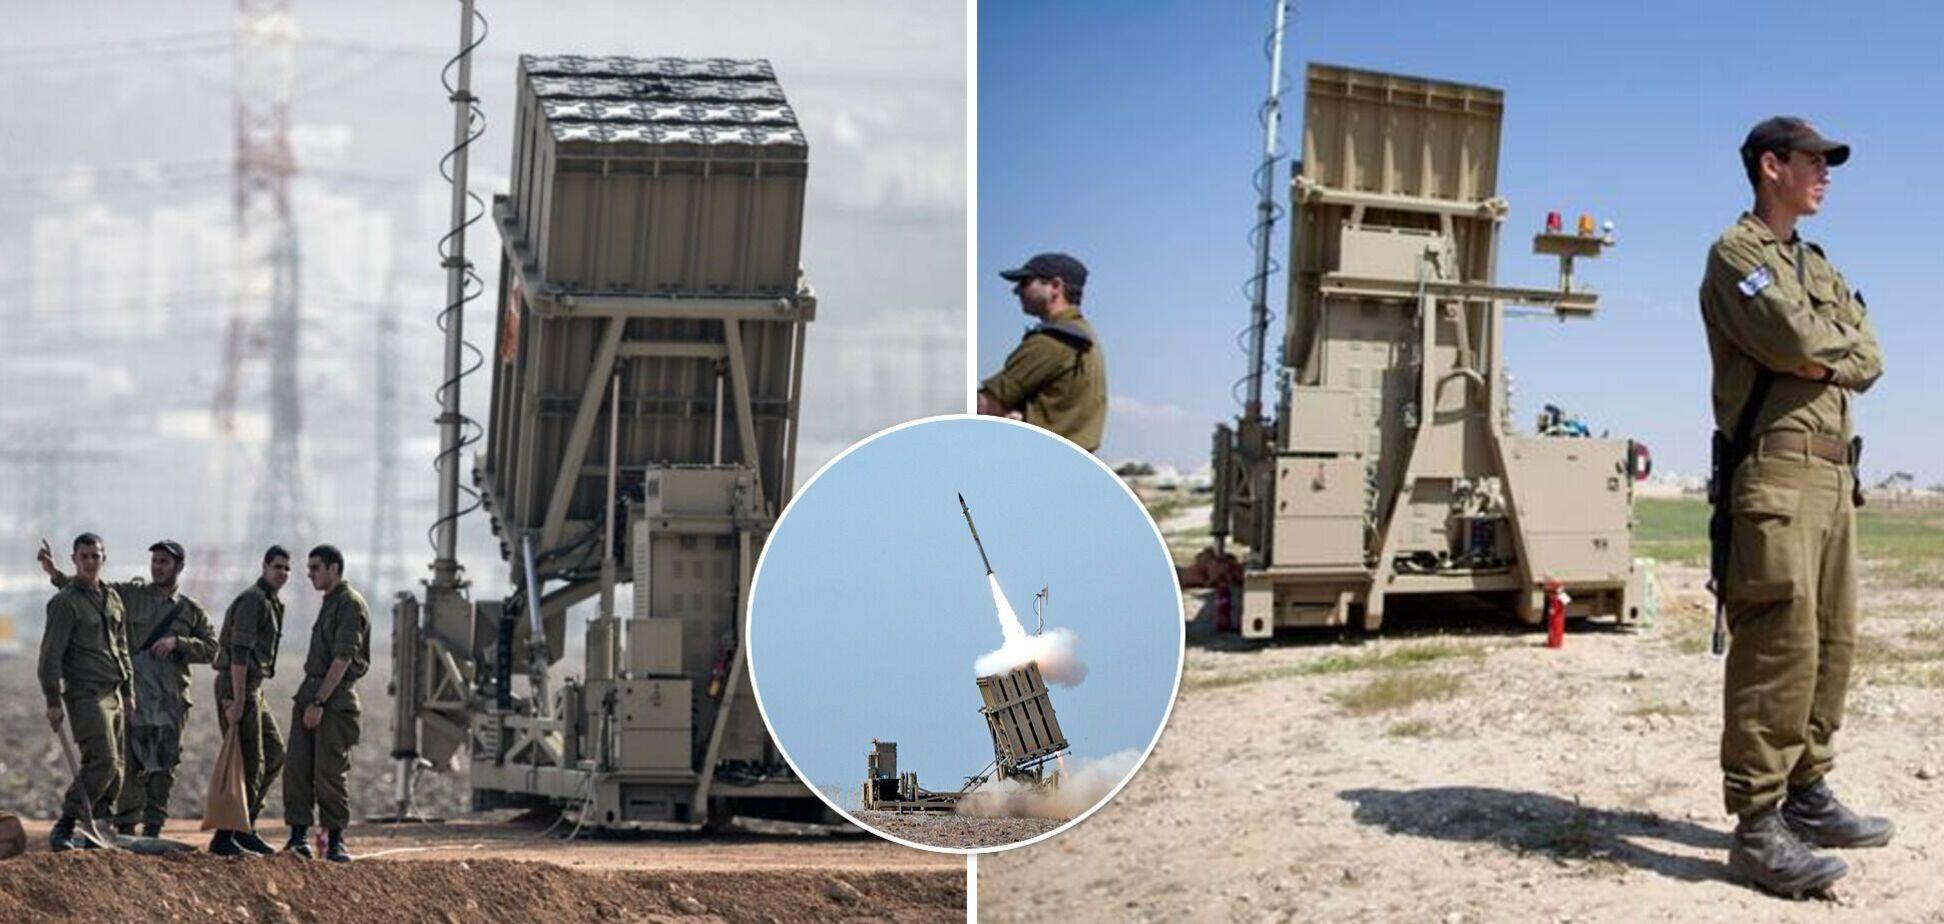 В Израиле развернули системы 'Железный купол' из-за угрозы нового витка эскалации